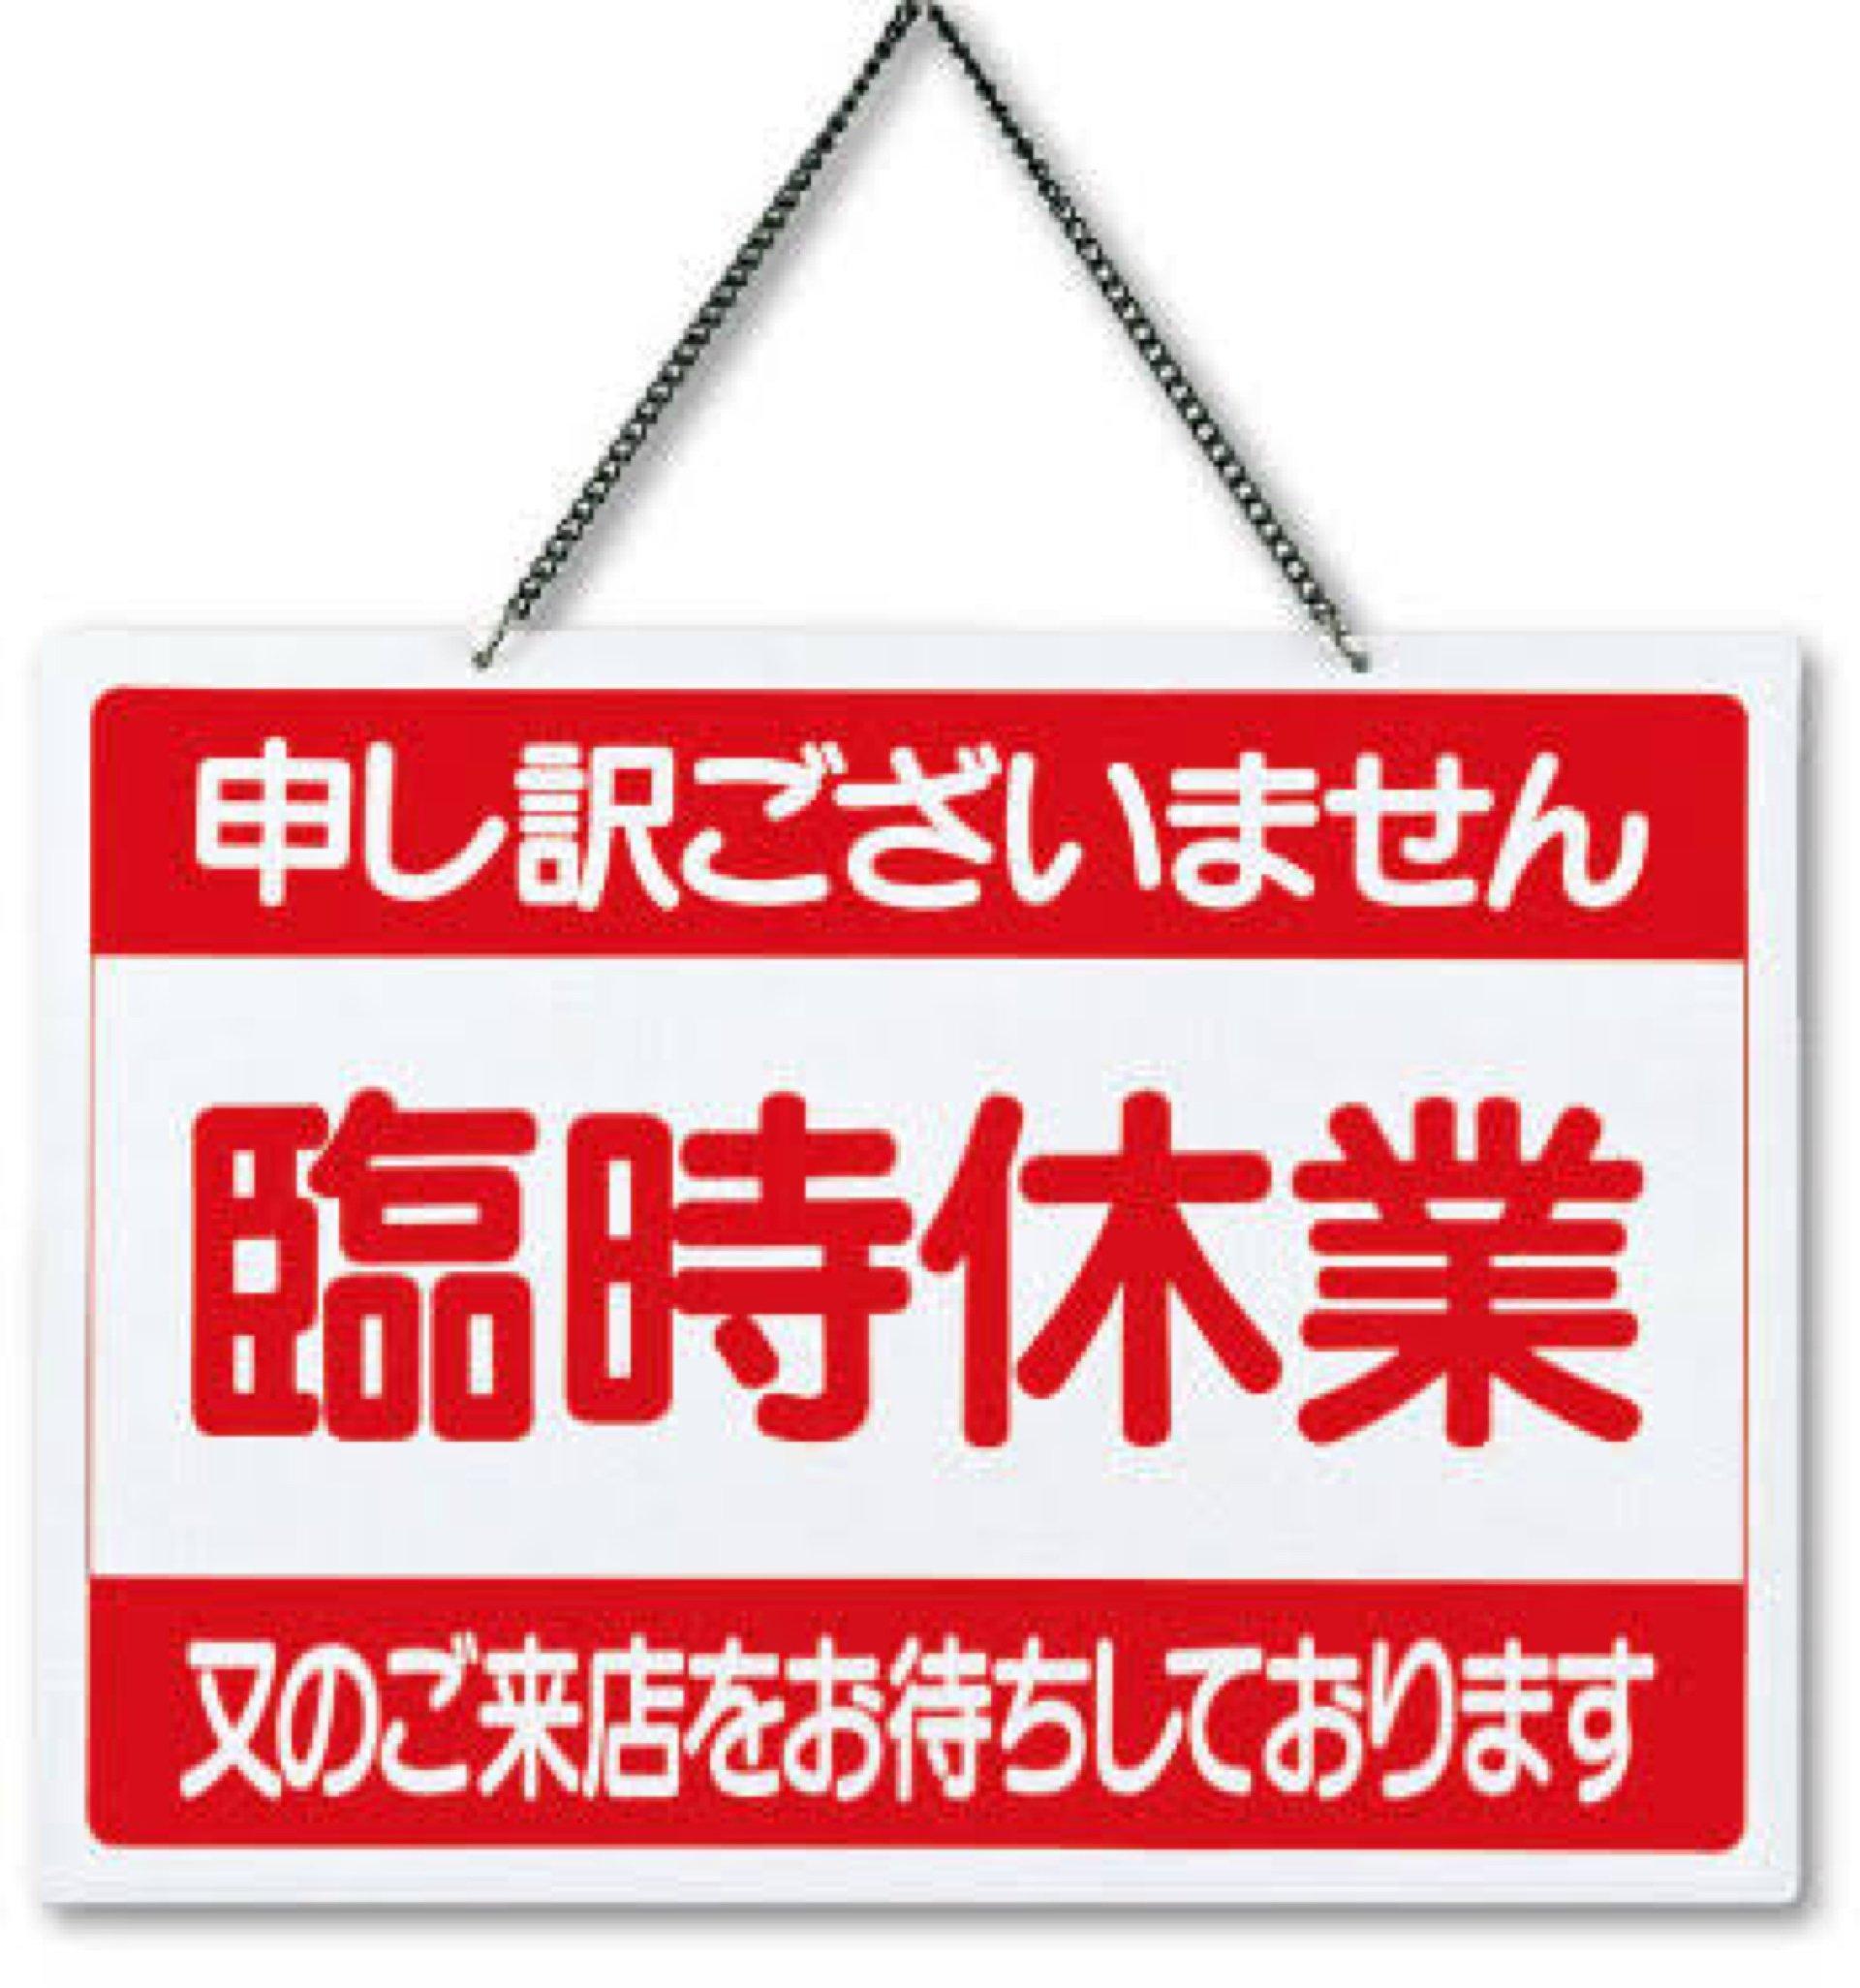 臨時休業のお知らせです。(2019.01.26) | 栃木県宇都宮で新車情報 ...